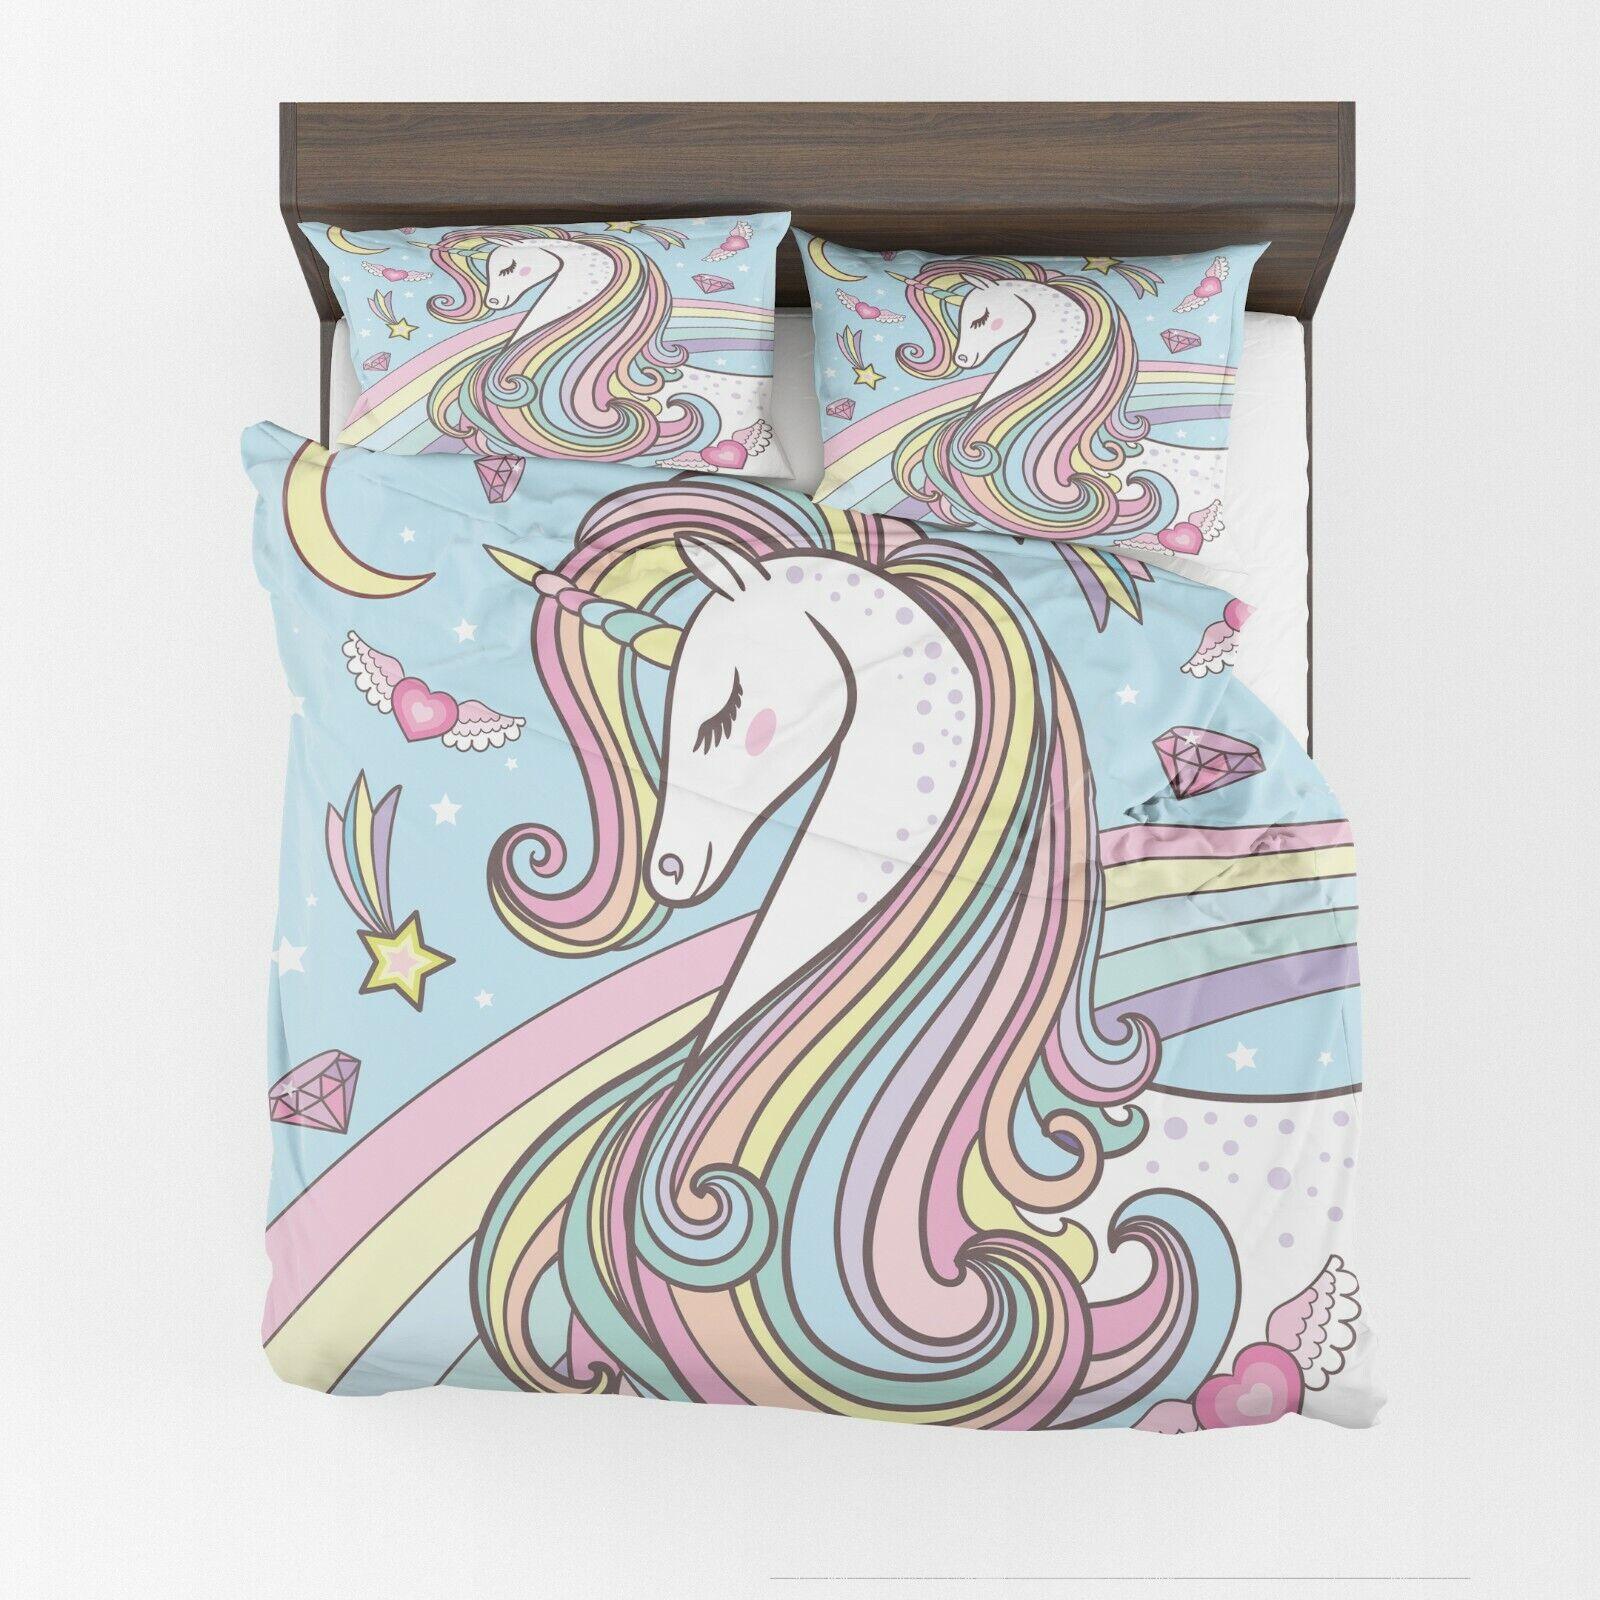 Unicorn Comforter or Duvet Cover kids bedding girly bedding girls comforter kid